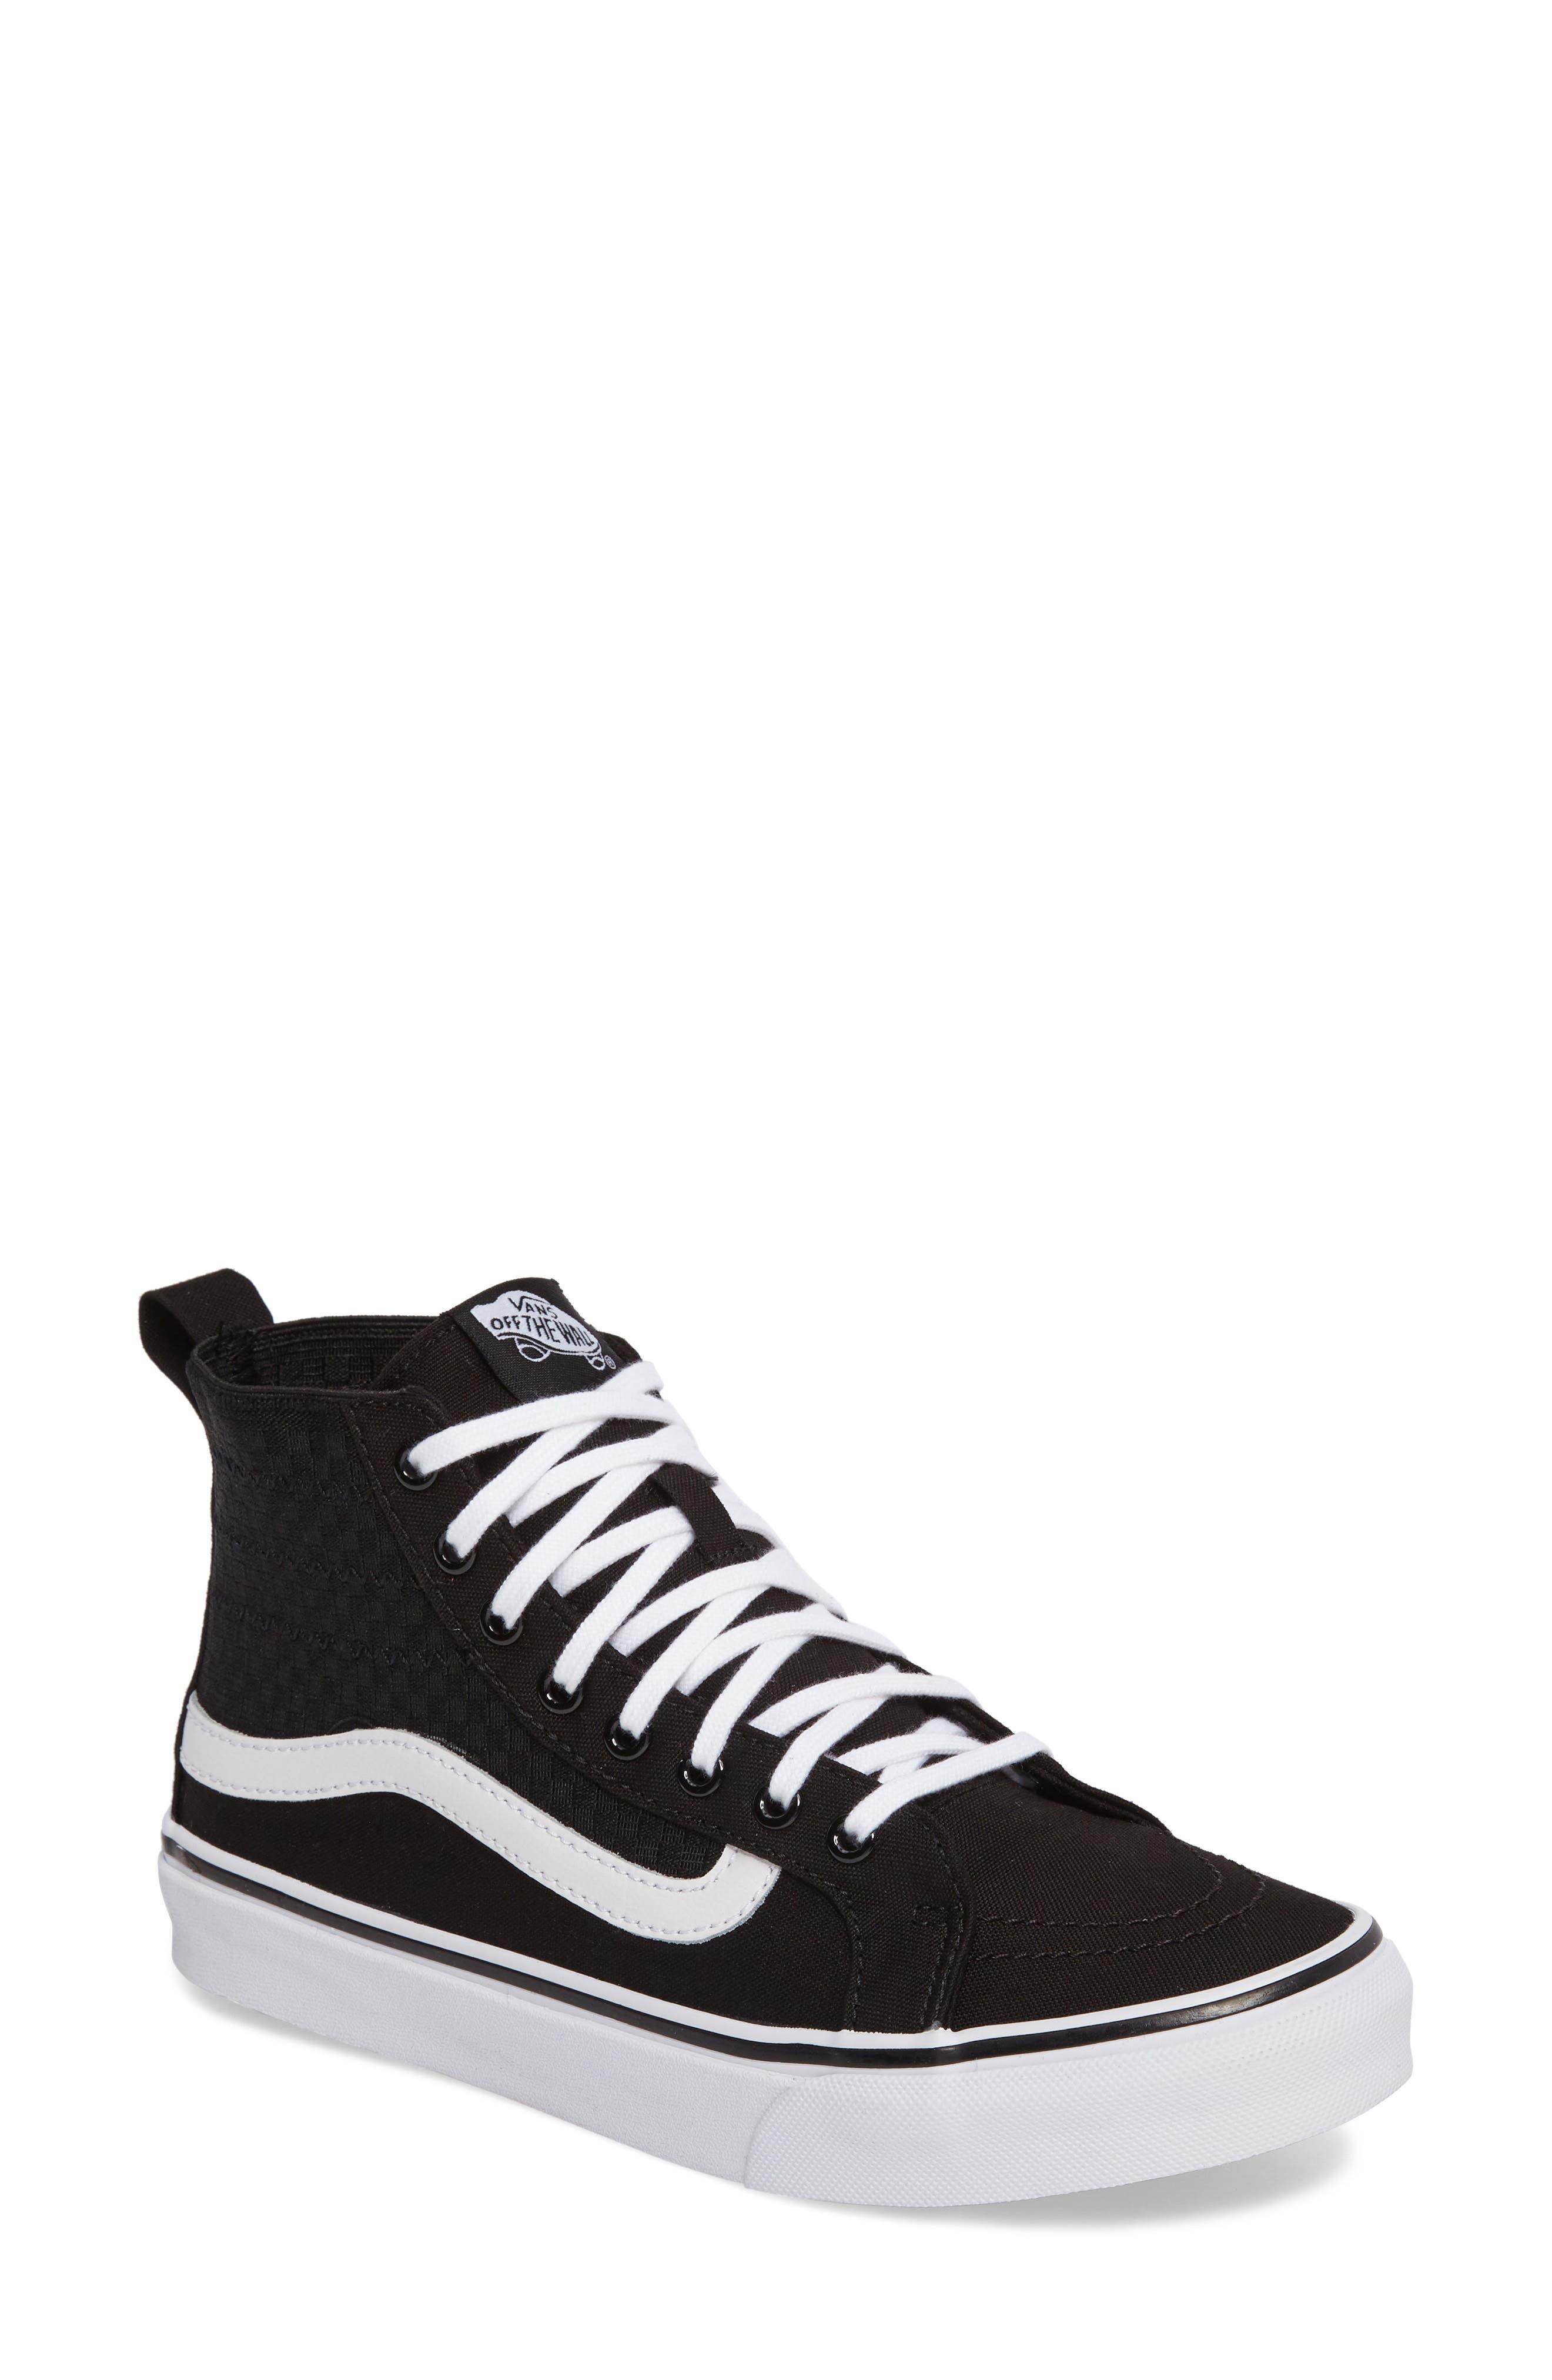 SK8-HI Slim Gore Sneaker,                         Main,                         color, 001